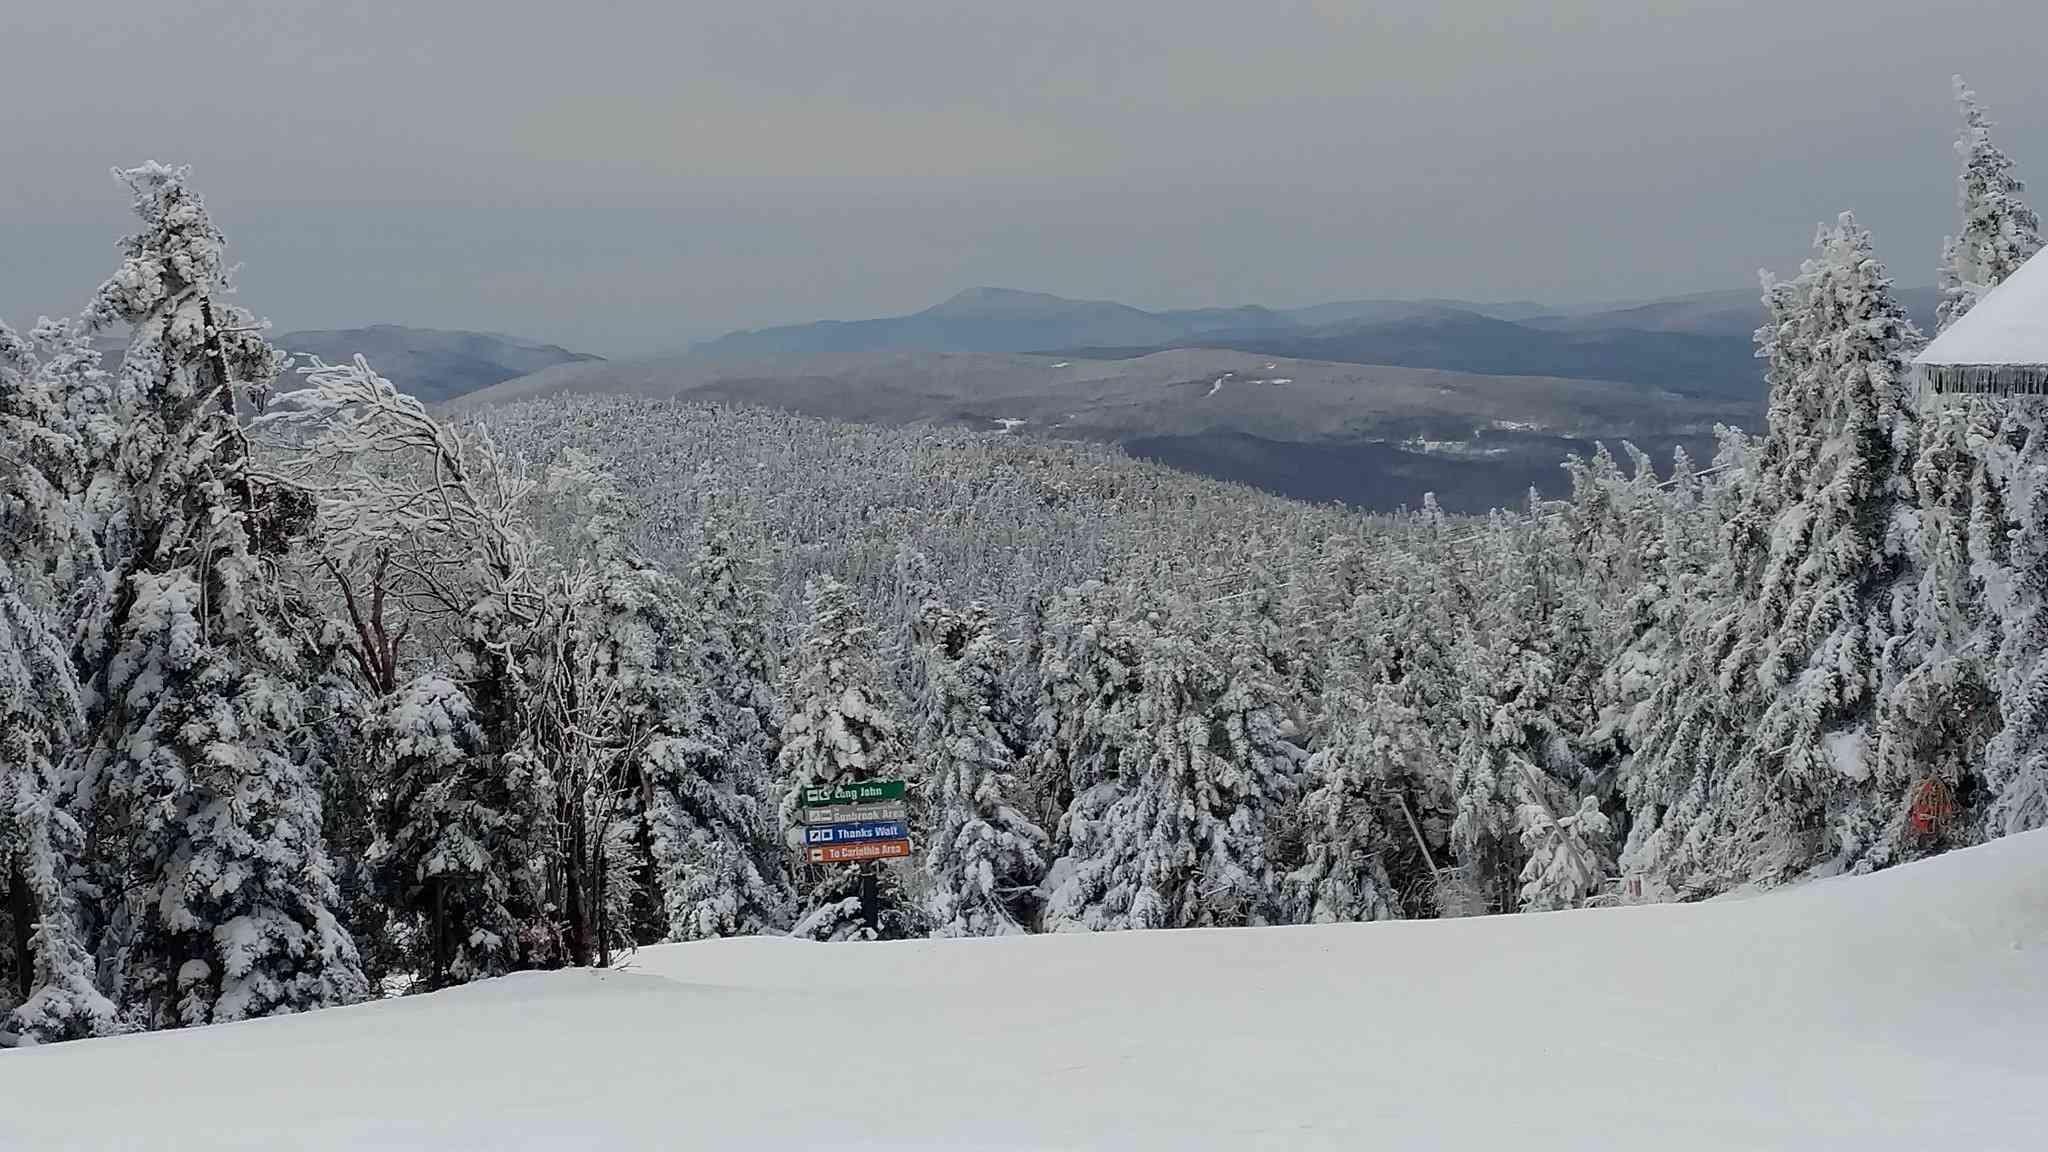 Mount Snow Summit in Vermont